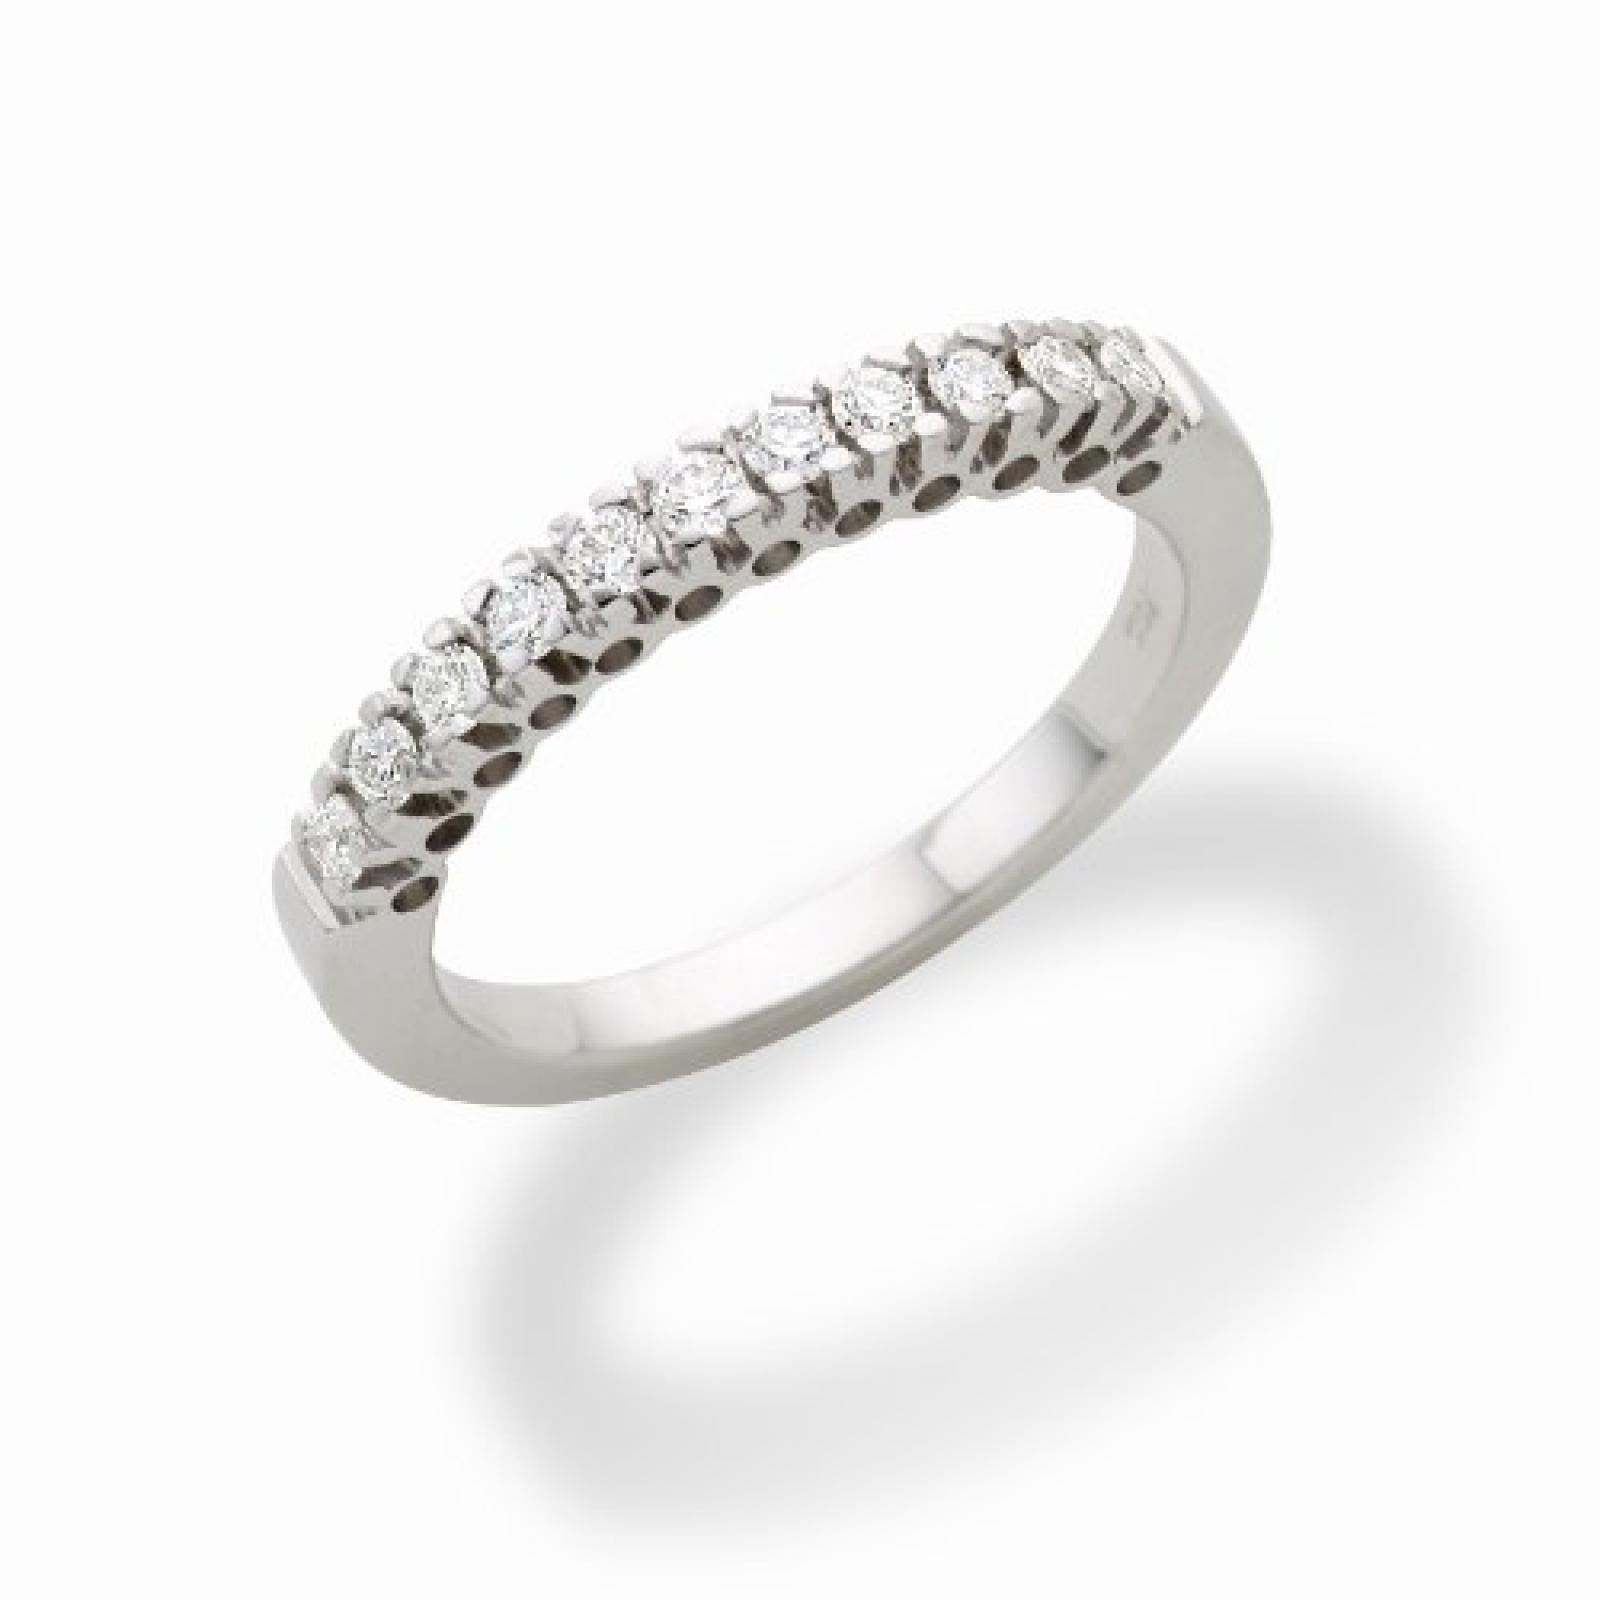 Miore MC223W Memoire - Diamantring 18 Karat (750) Weißgold mit 11 Brillanten zus.0,25Ct - IGI Zertifikat